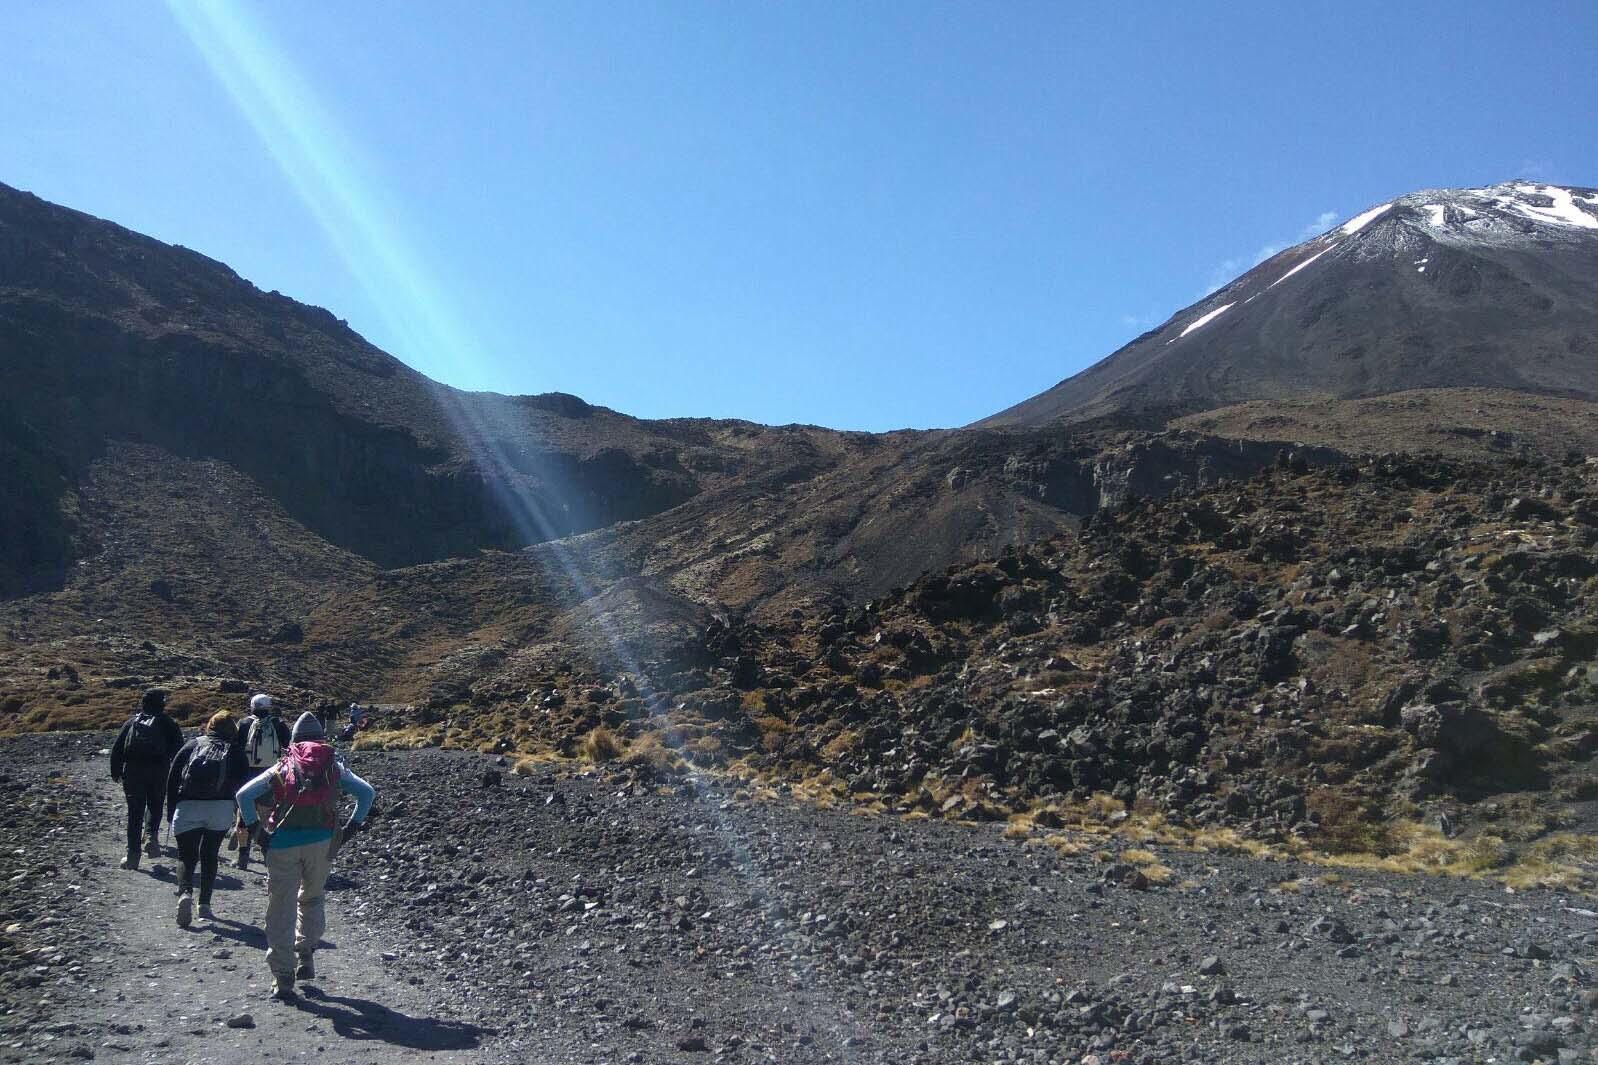 Tongariro Alpine Crossing experience